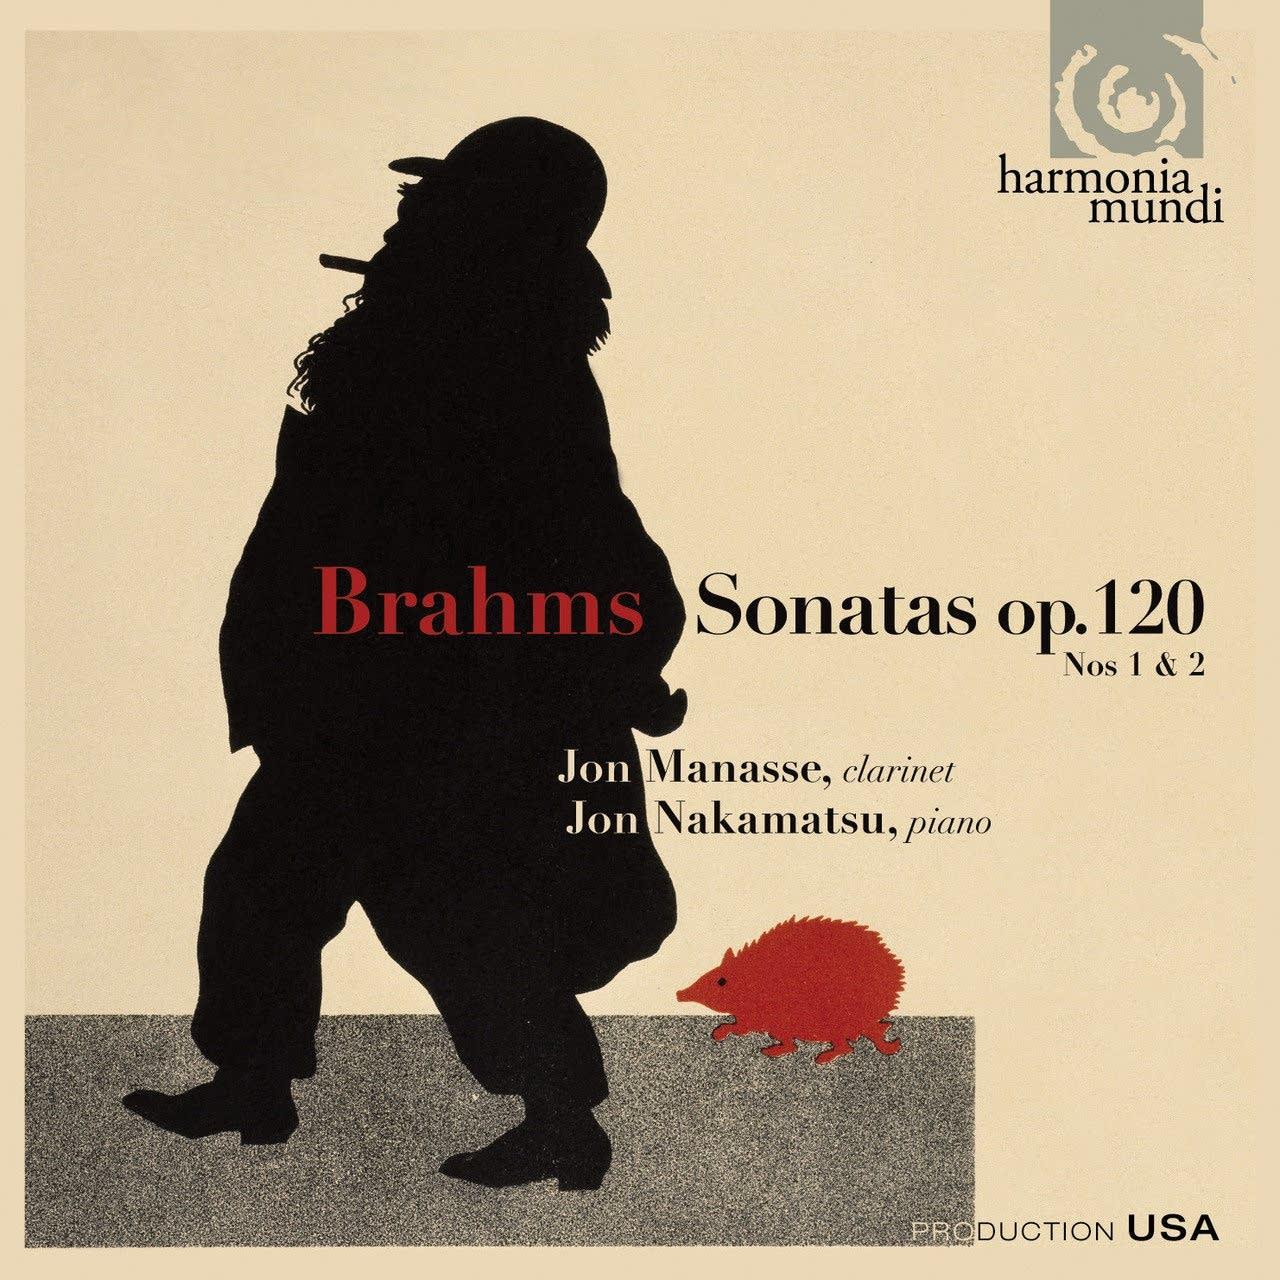 Brahms: Clarinet Sonatas; Jon Manasse, clarinet, and Jon Nakamatsu, piano